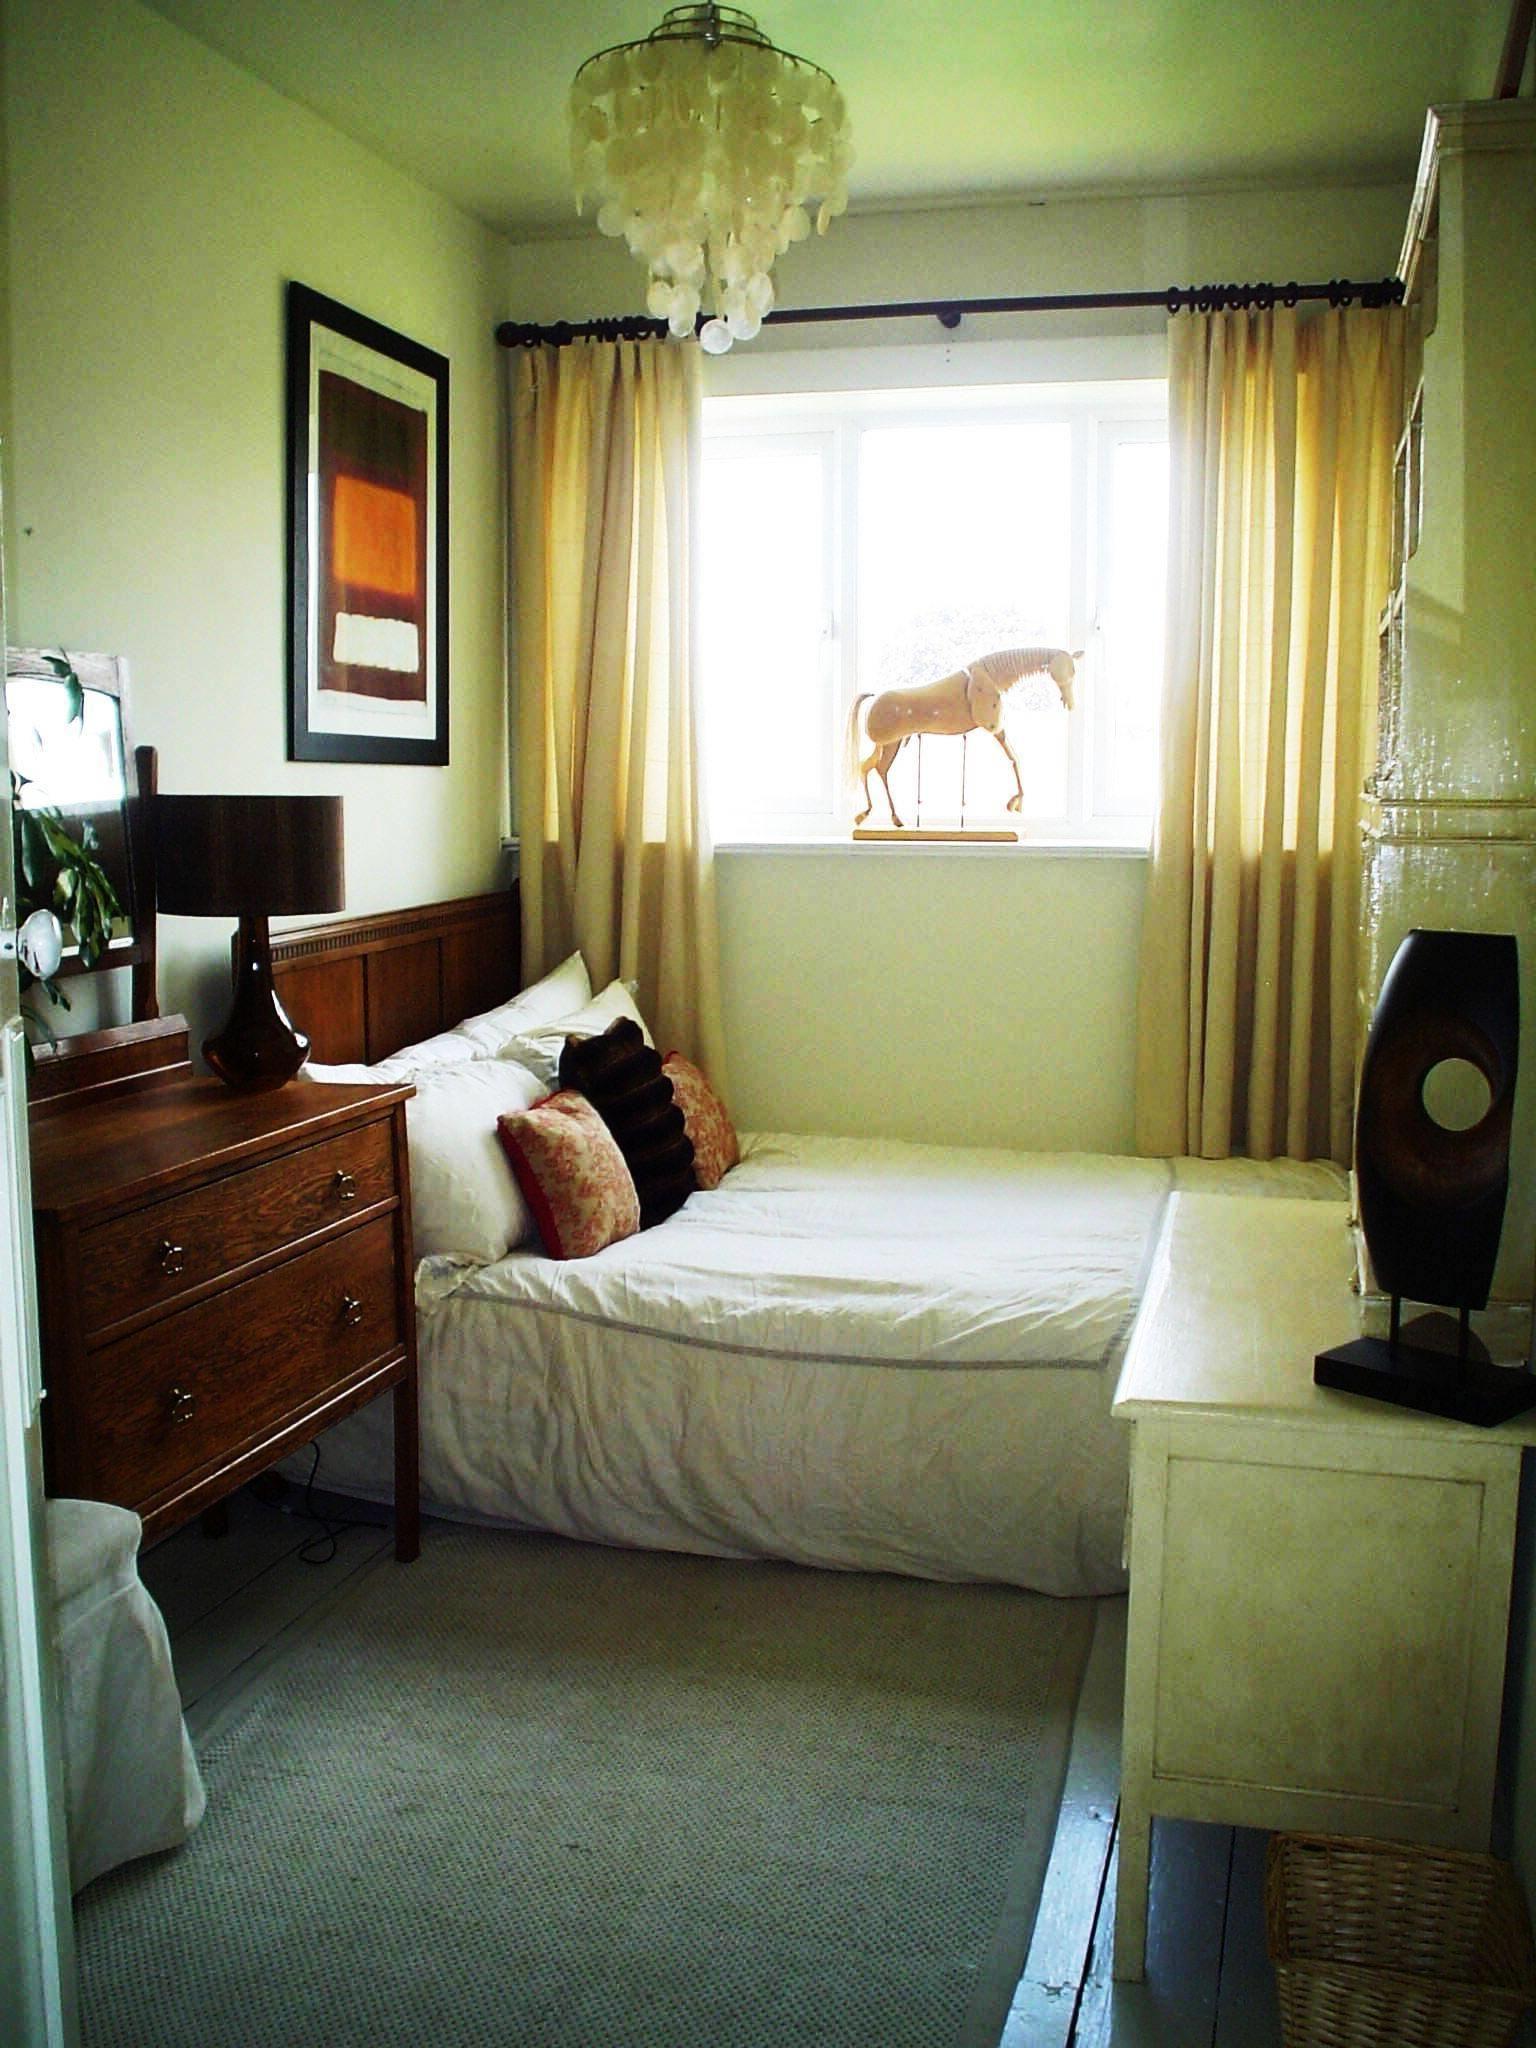 Small Bedroom Bedroom Very Small Bedroom Small Space Bedroom Small Master Bedroom